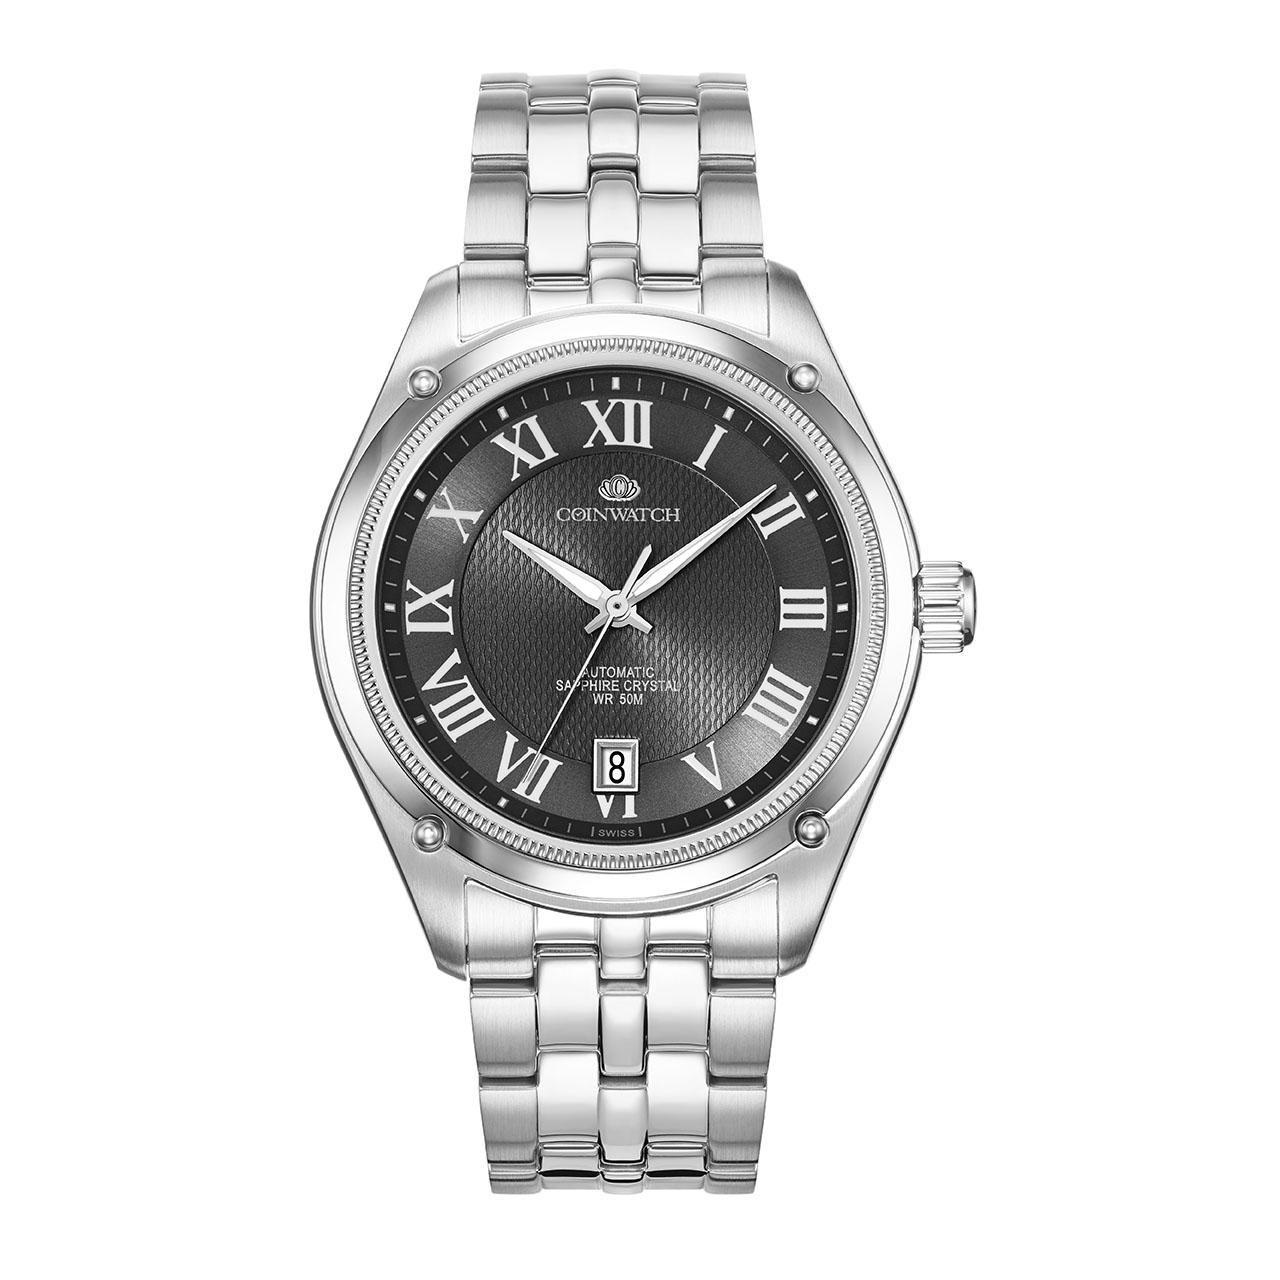 ساعت مچی عقربه ای مردانه کوین واچ مدل C171SBK